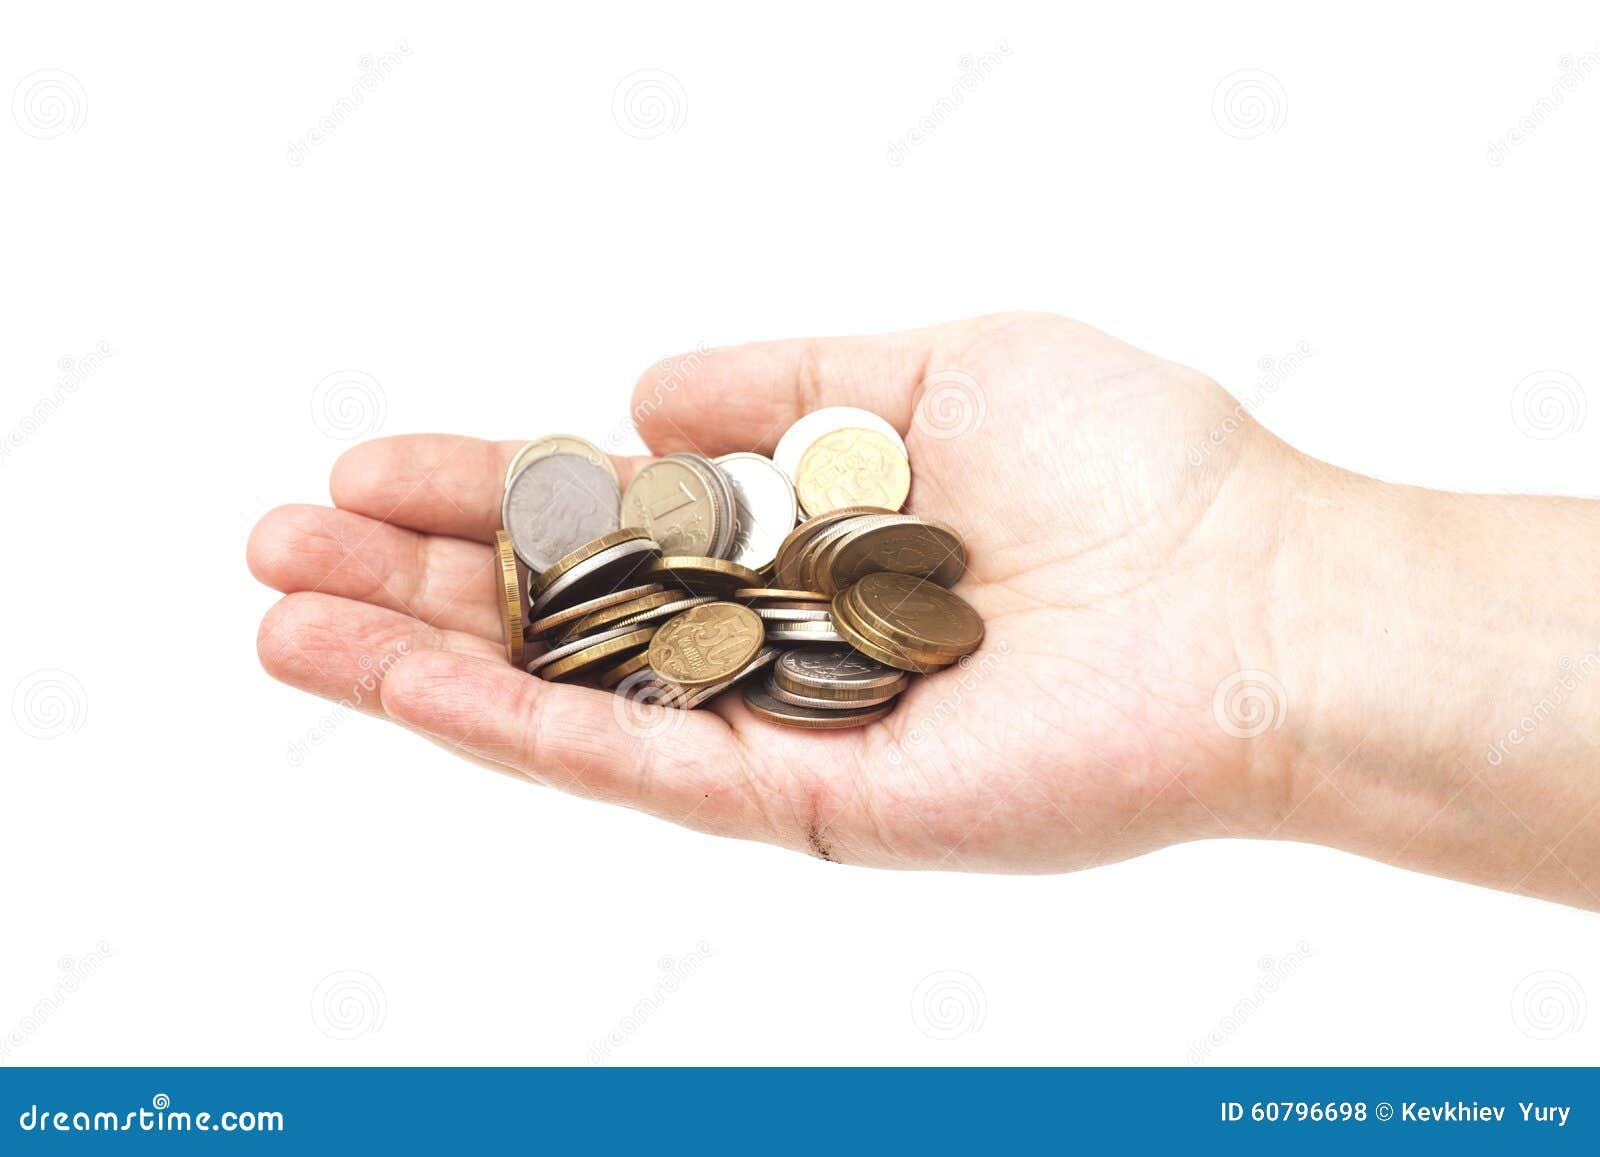 Manciata di monete in mano della palma